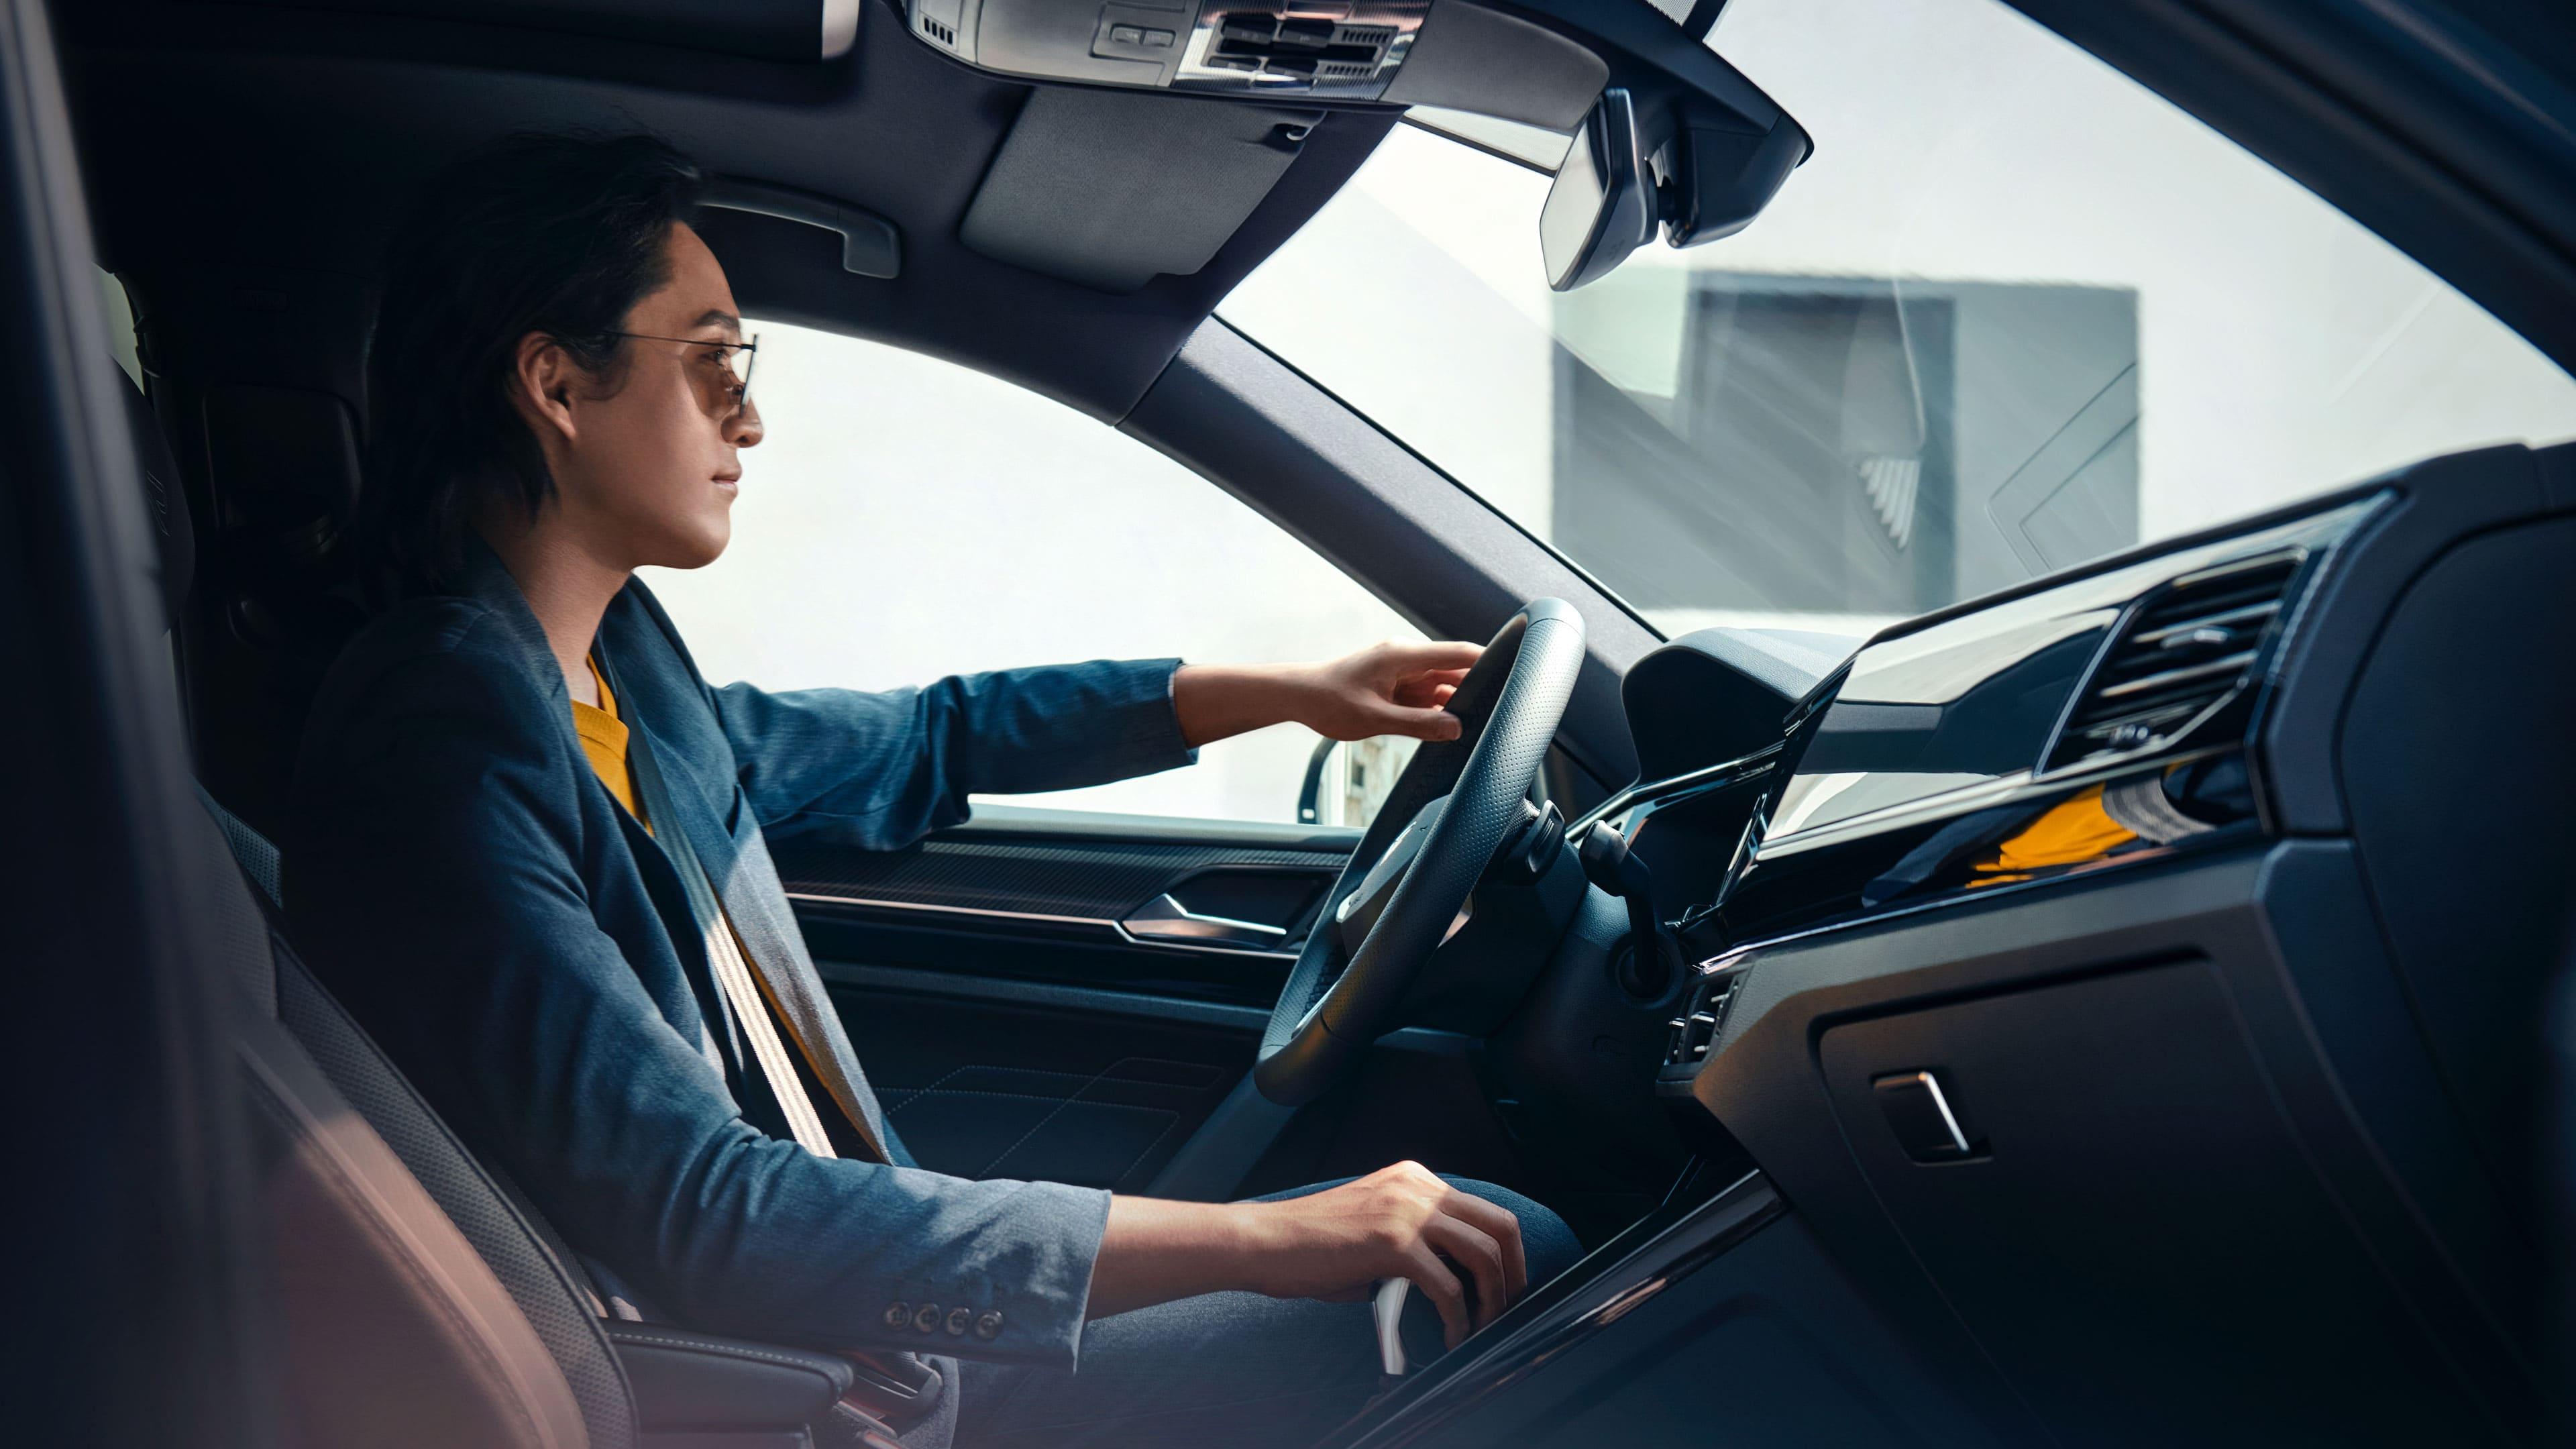 豪车与普通车的差距有多大?车主的回答太真实,到冬天更明显